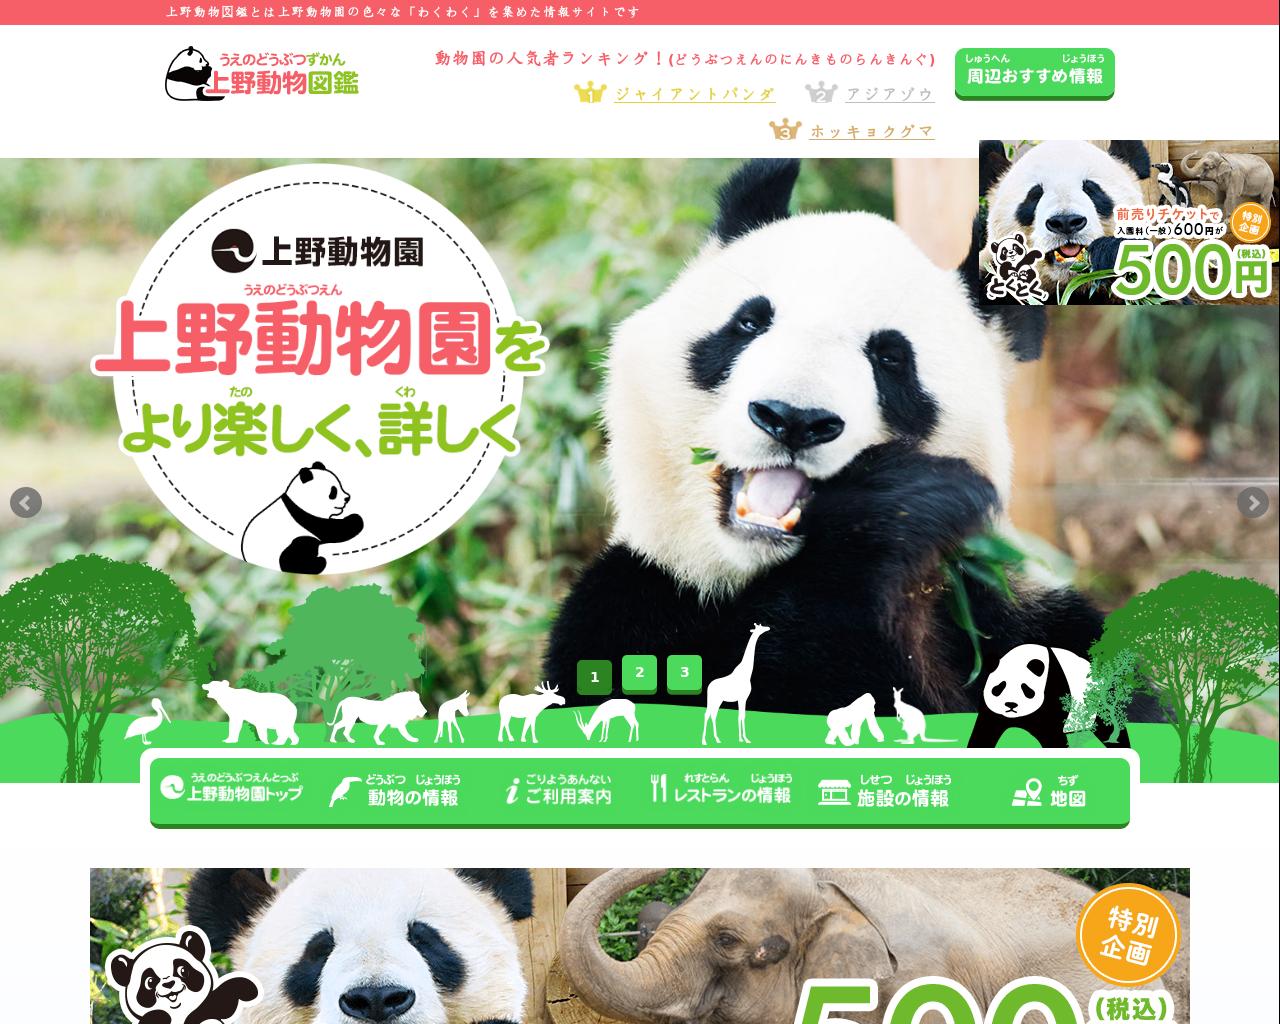 ueno-zoo.mamakoe.jp(2017/12/07 06:40:34)